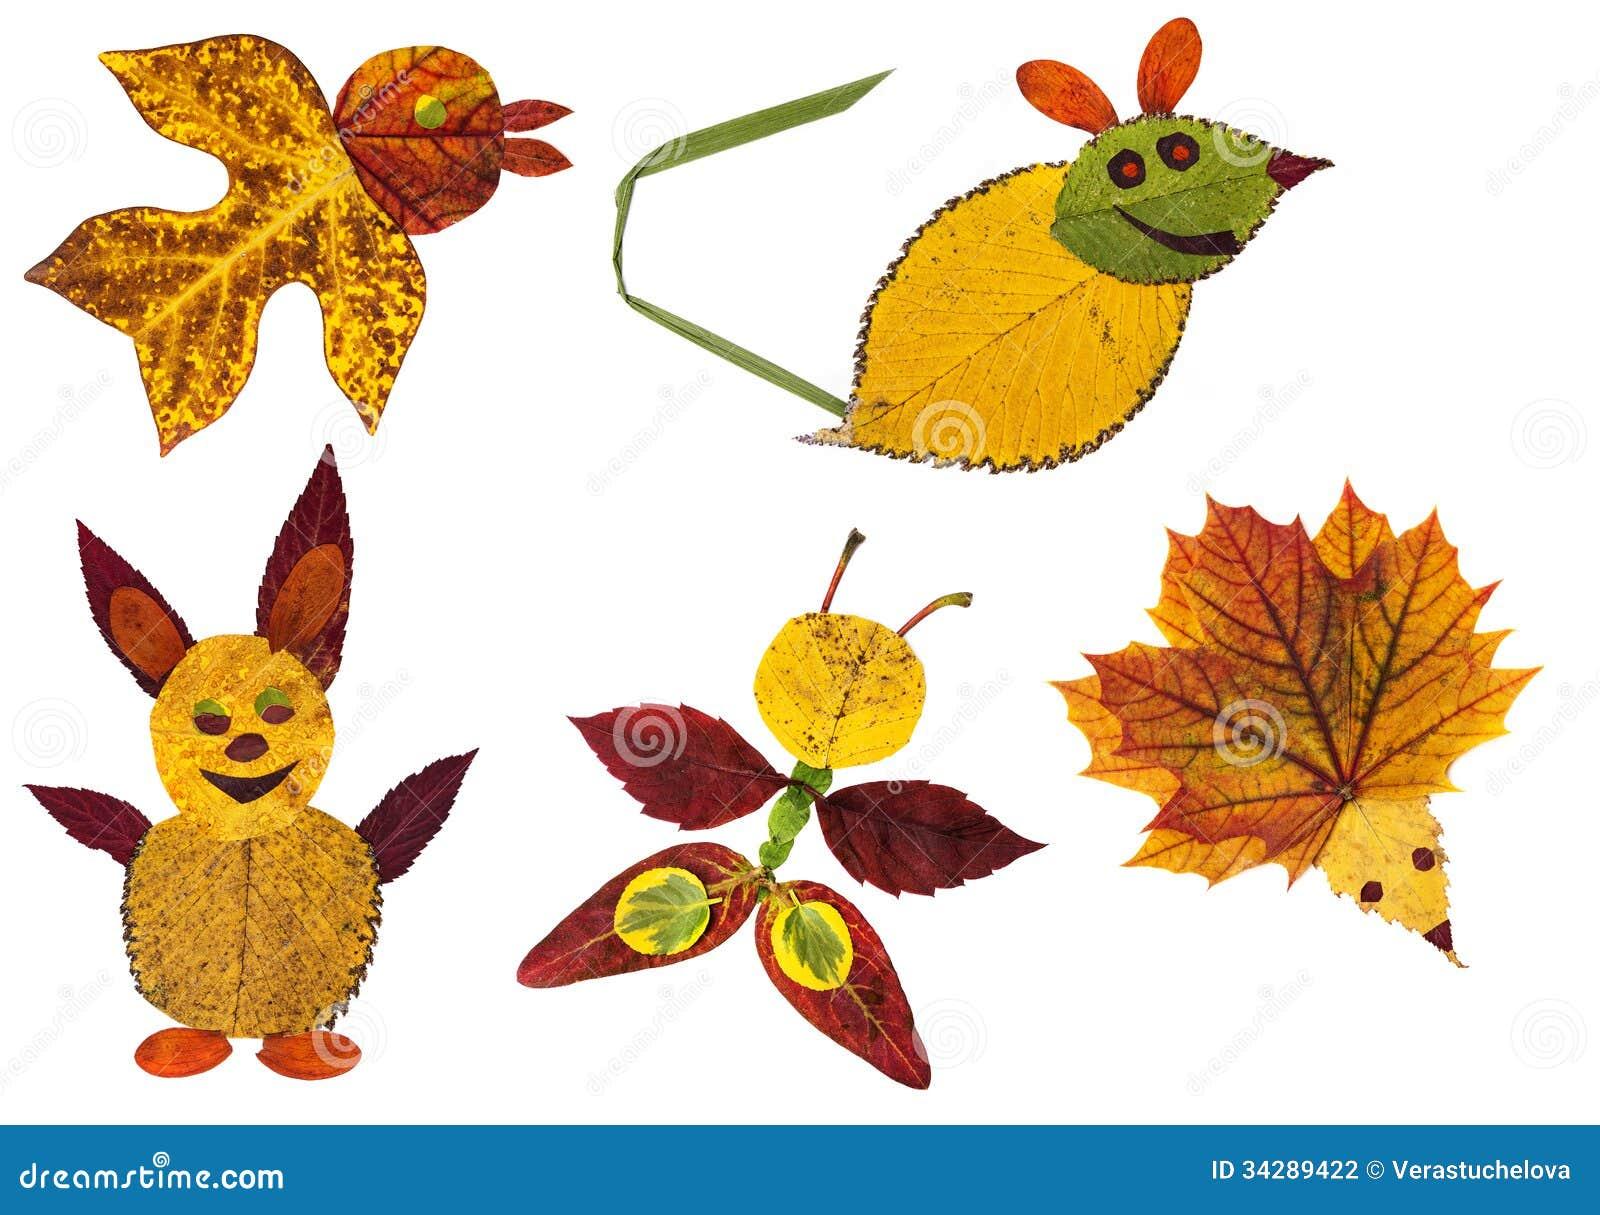 Как сделать поделку из сухих листьев своими руками